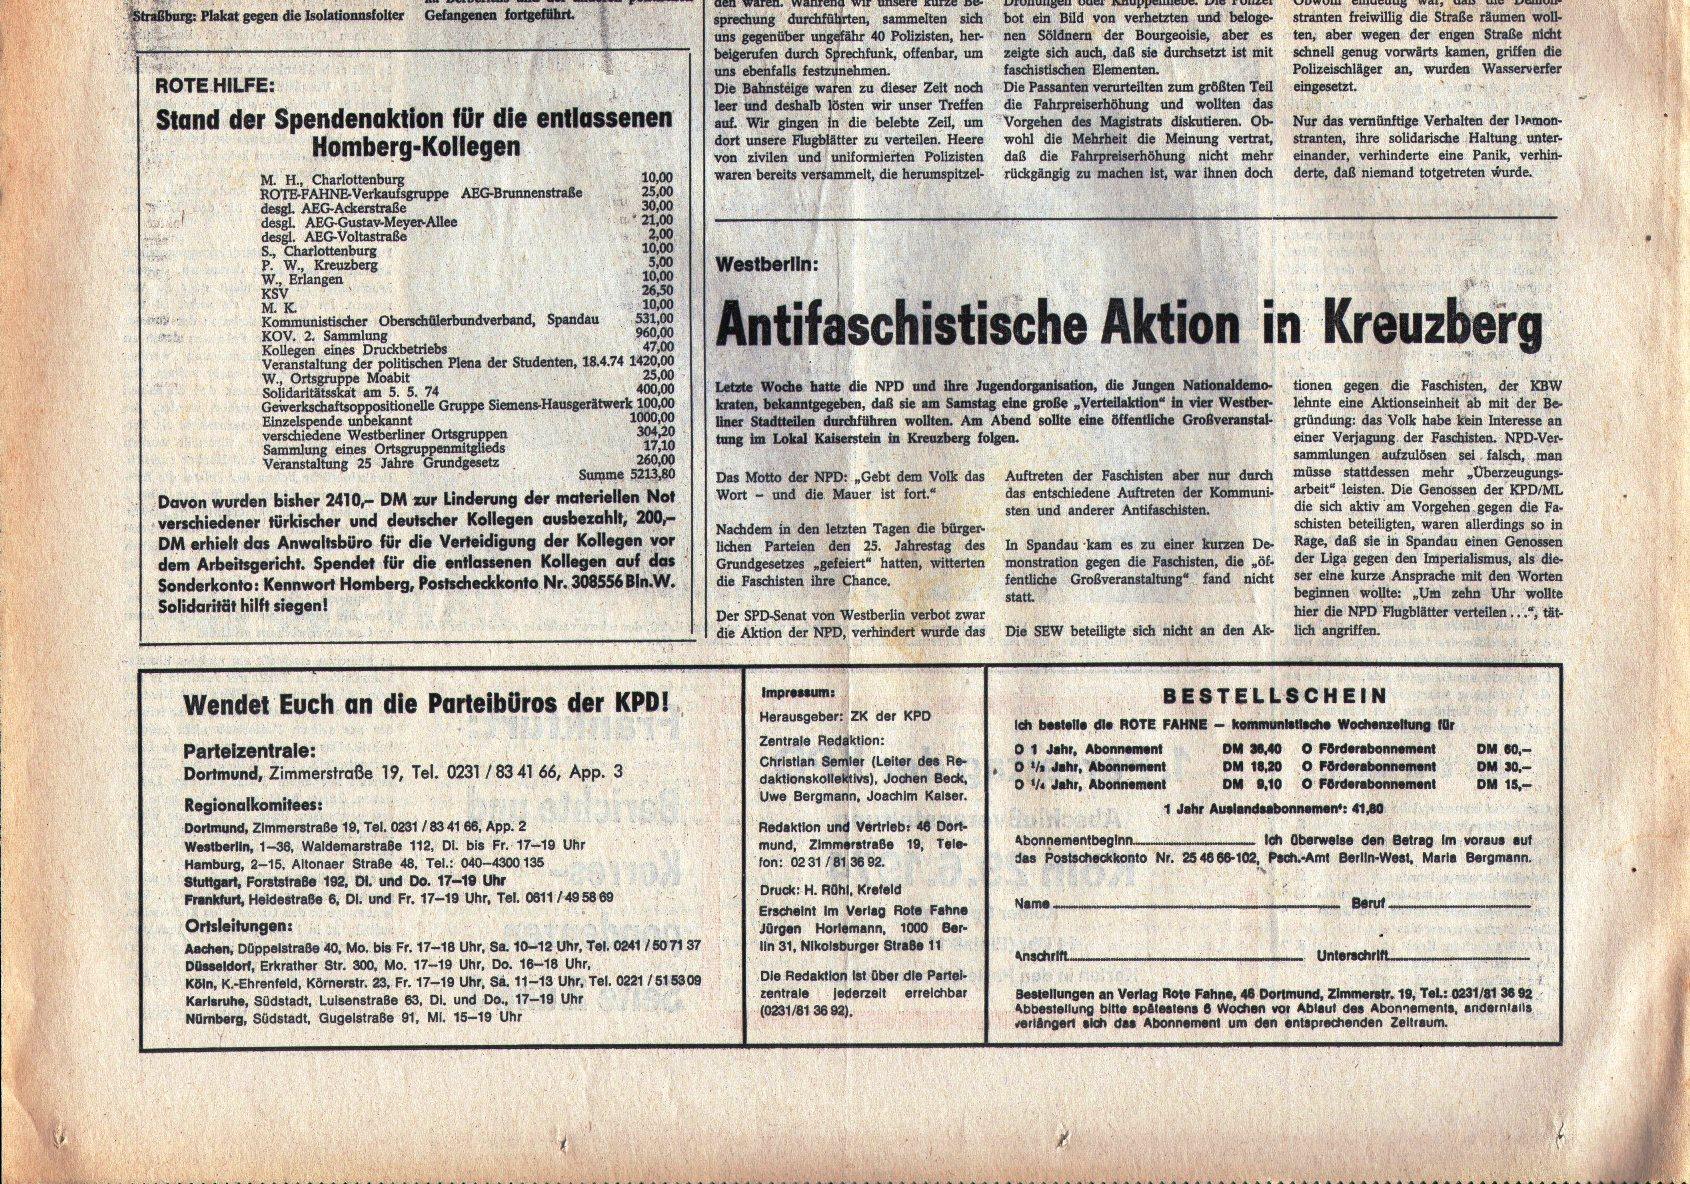 KPD_Rote_Fahne_1974_23_04